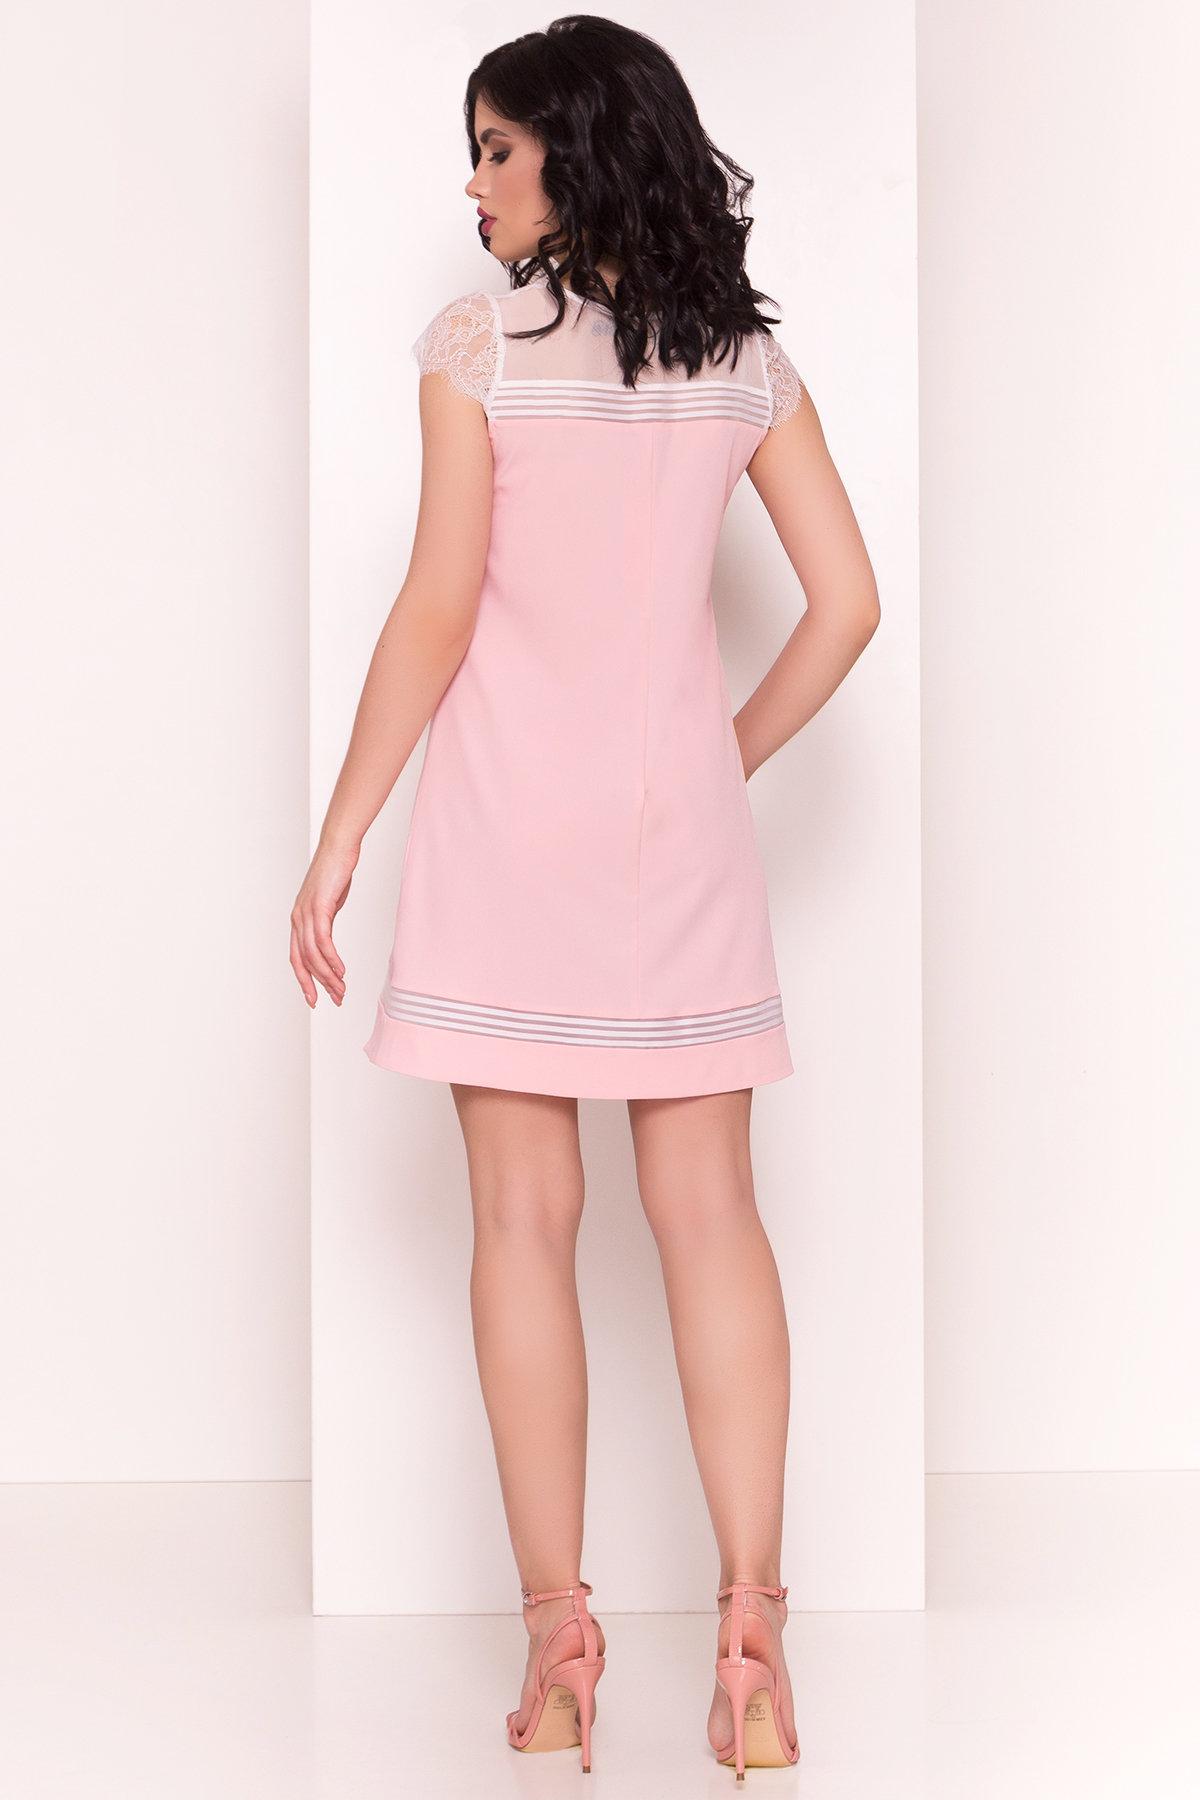 Платье Итана 4880 АРТ. 35091 Цвет: Розовый - фото 3, интернет магазин tm-modus.ru